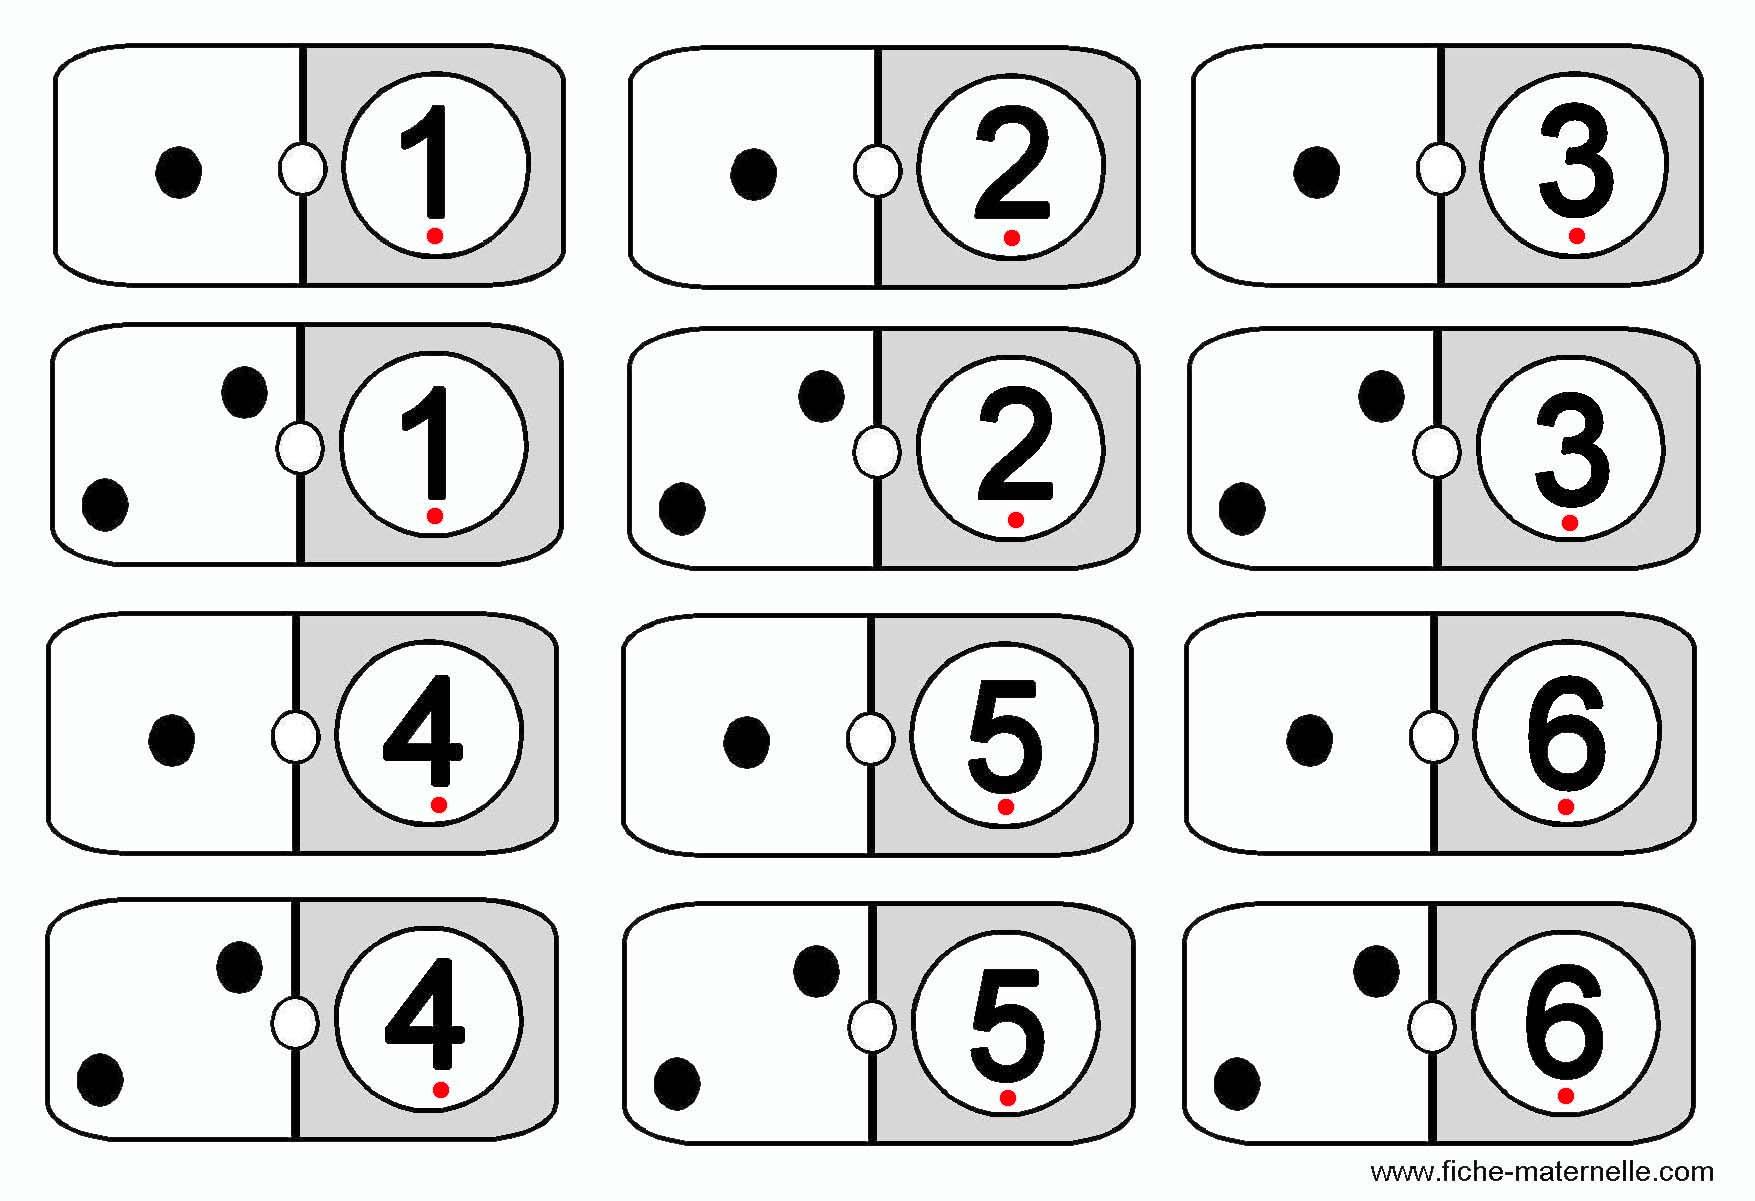 Jeux Mathématiques Pour Apprendre À Compter En Maternelle. à Jeux Avec Chiffres